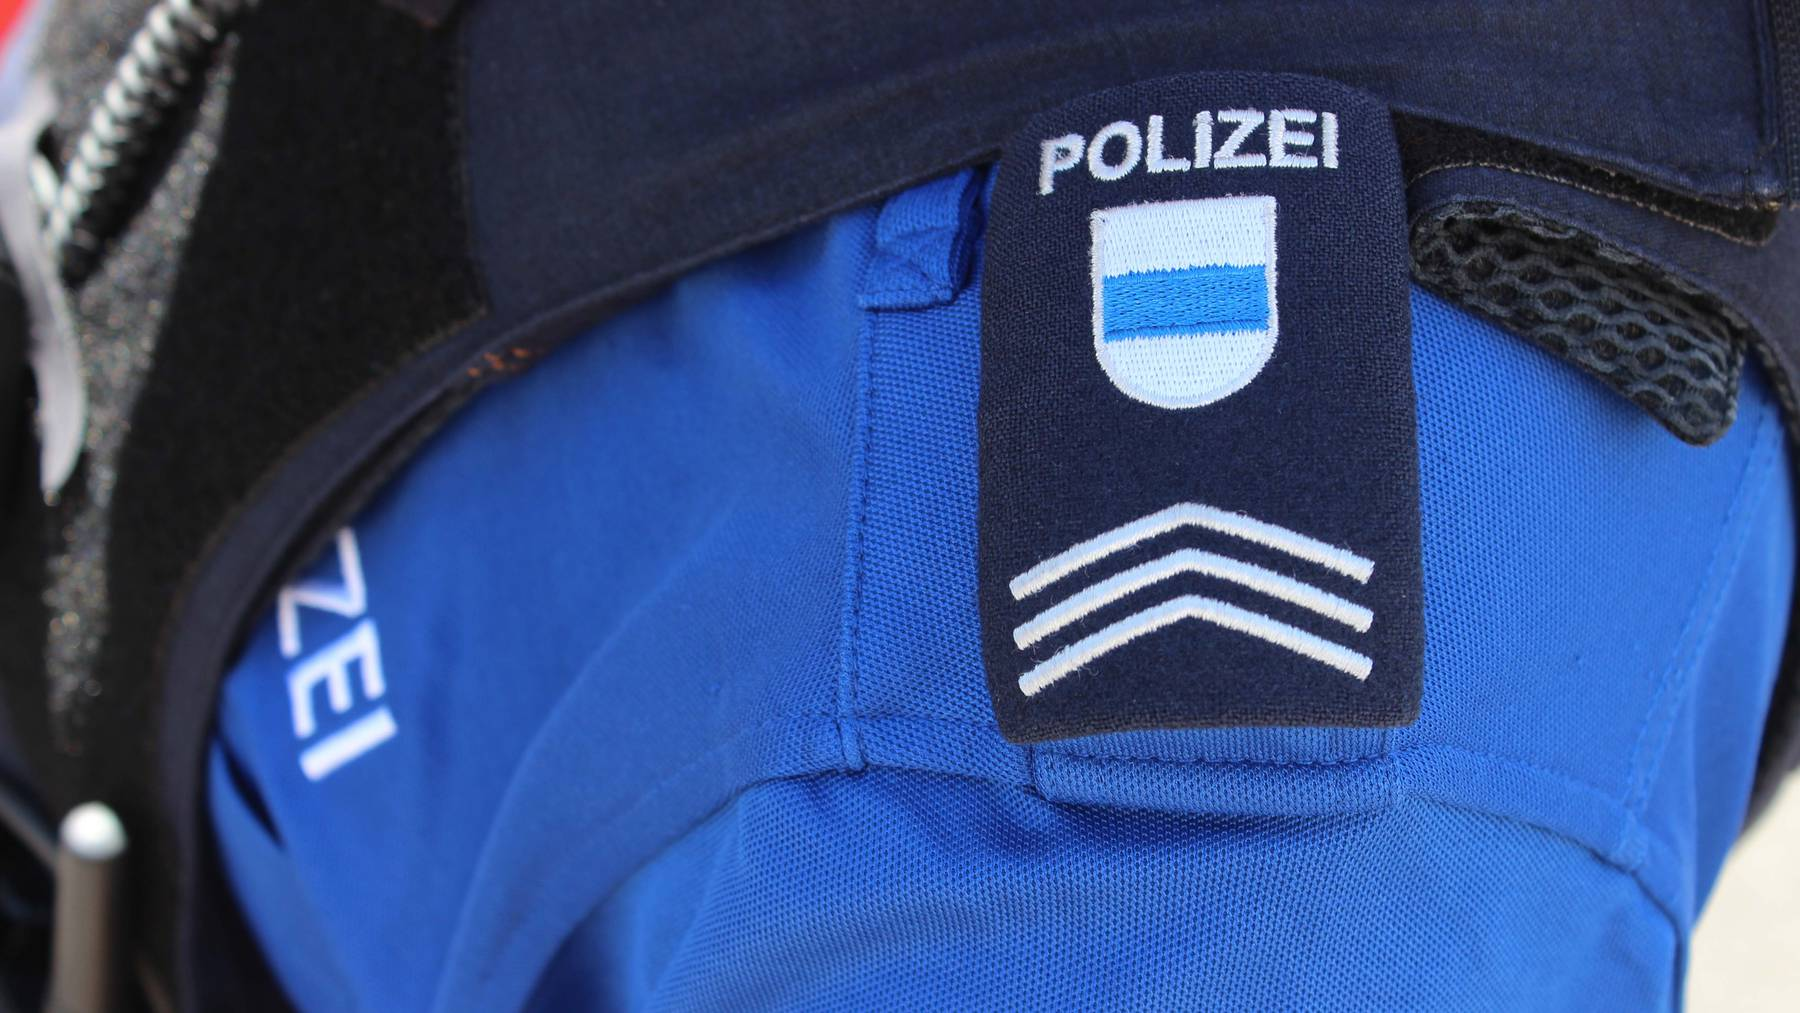 Rotkreuz, Steinhausen, Hüneberg und Menzingen verfügen über keinen genügenden gesundheitlichen Schutz im direkten Personenkontakt. (Symbolbild)